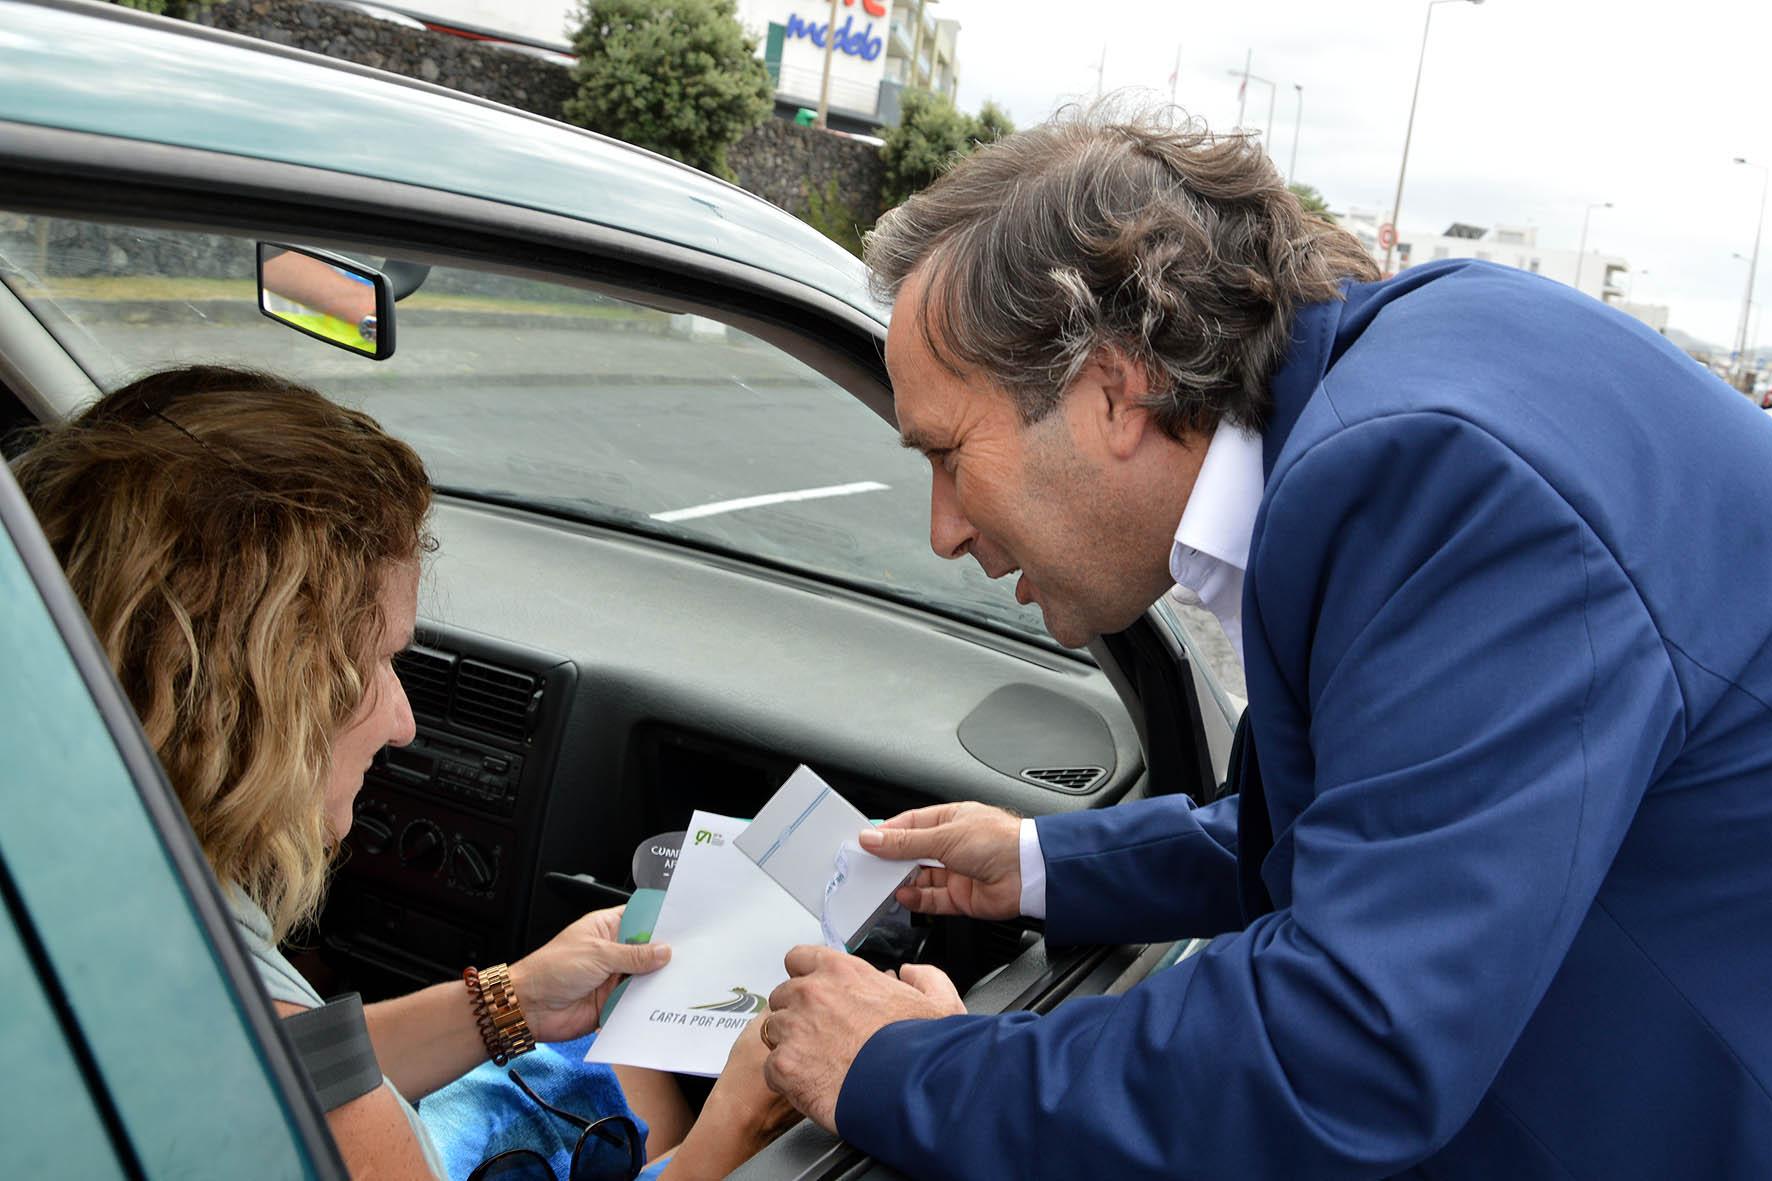 Aumento de tráfego nas estradas salienta importância da prevenção rodoviária, afirma Vítor Fraga